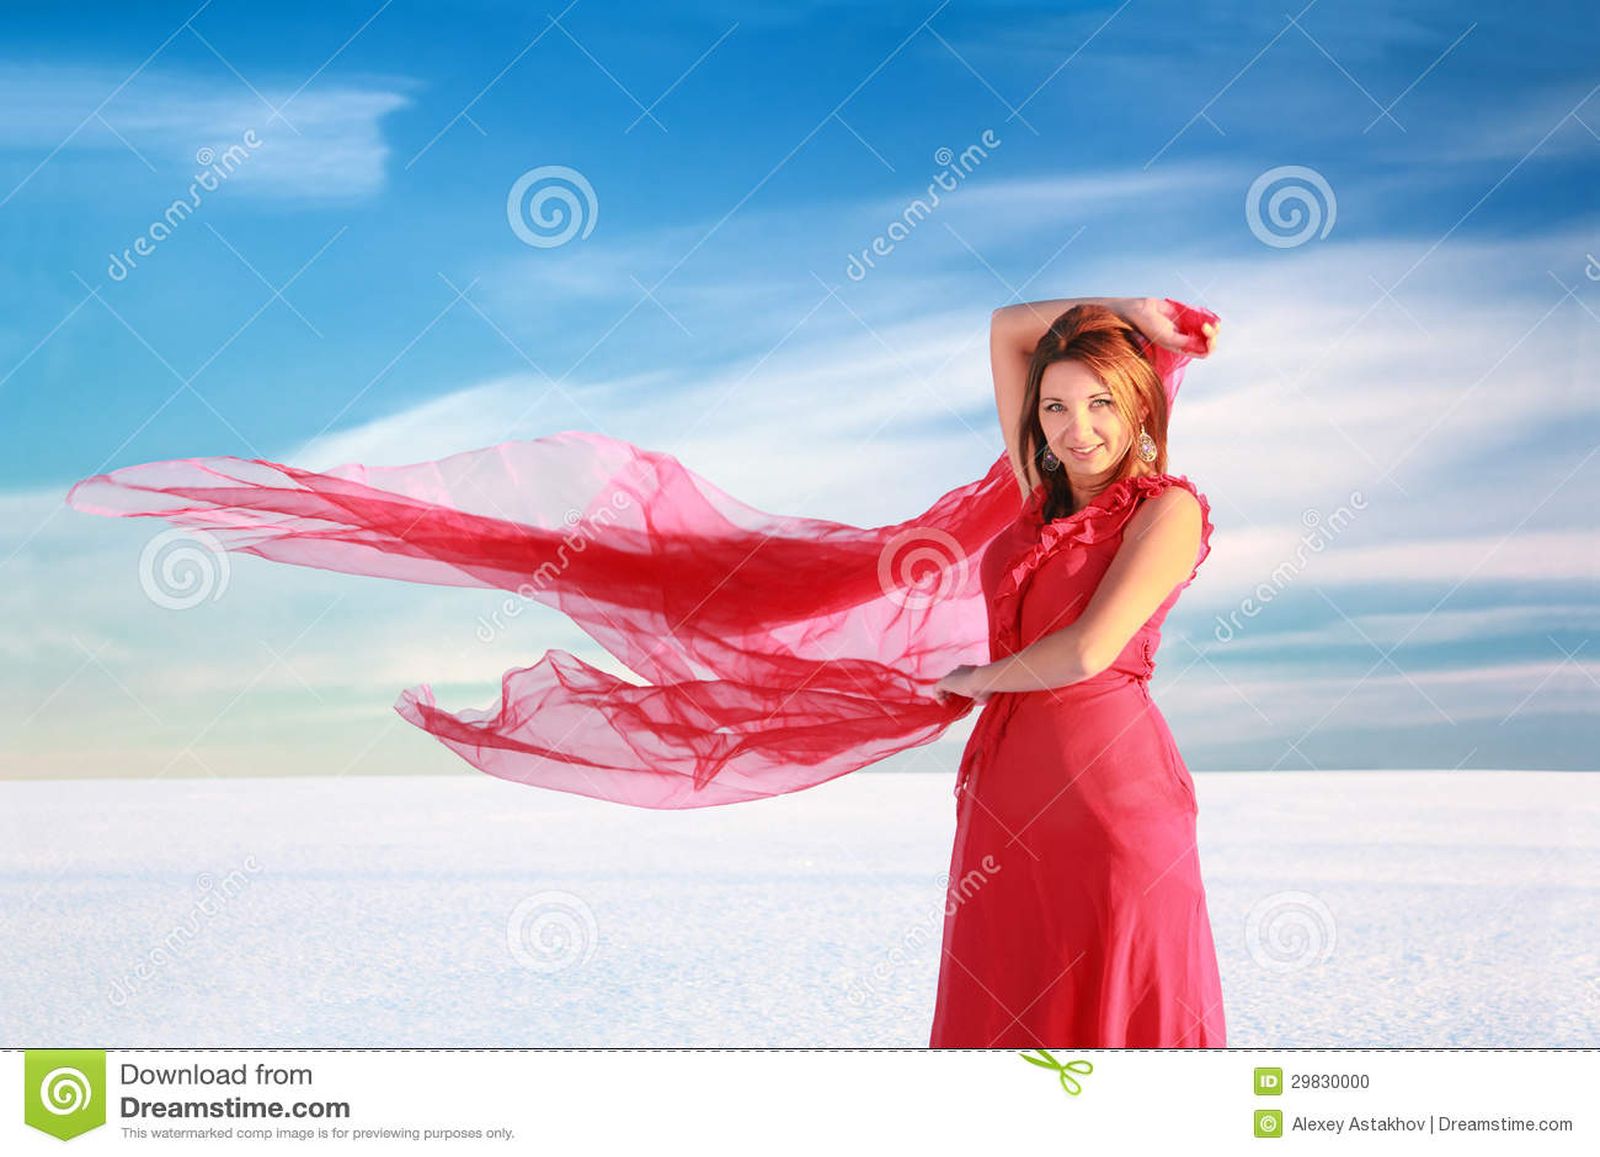 Jogo com vento